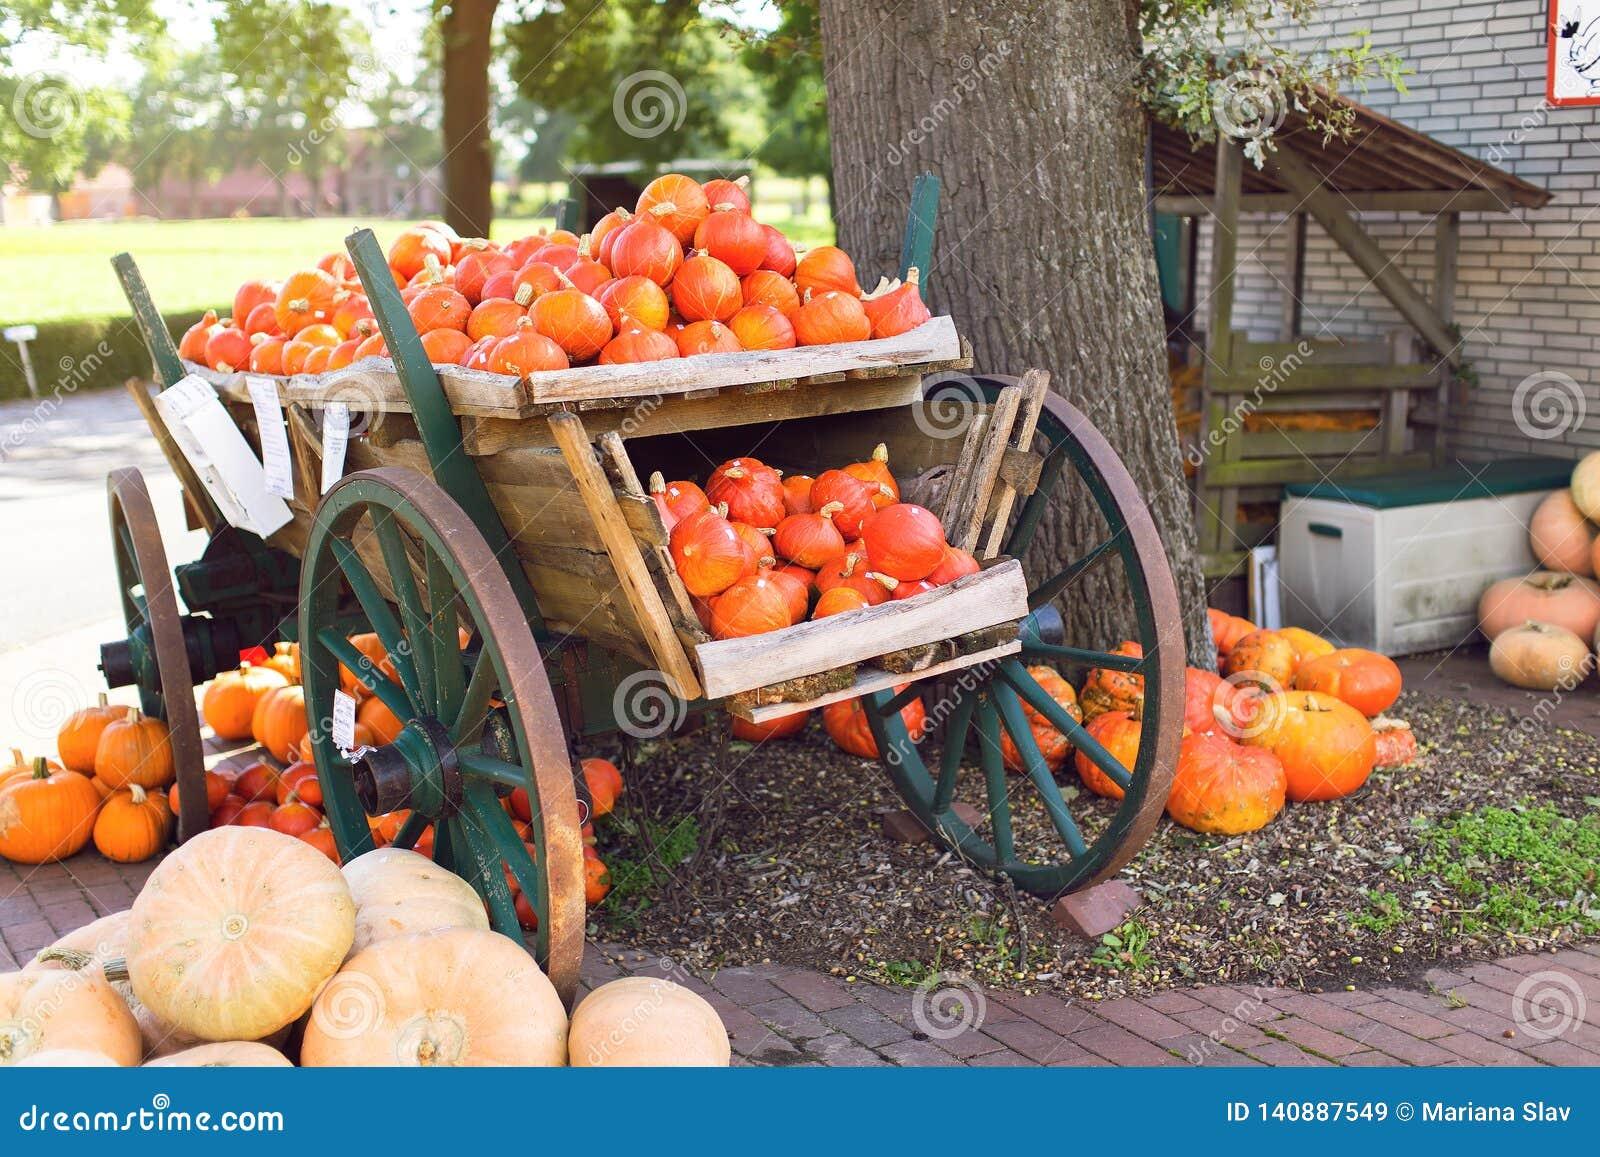 Grote stapel van pompoenen in een houten kar